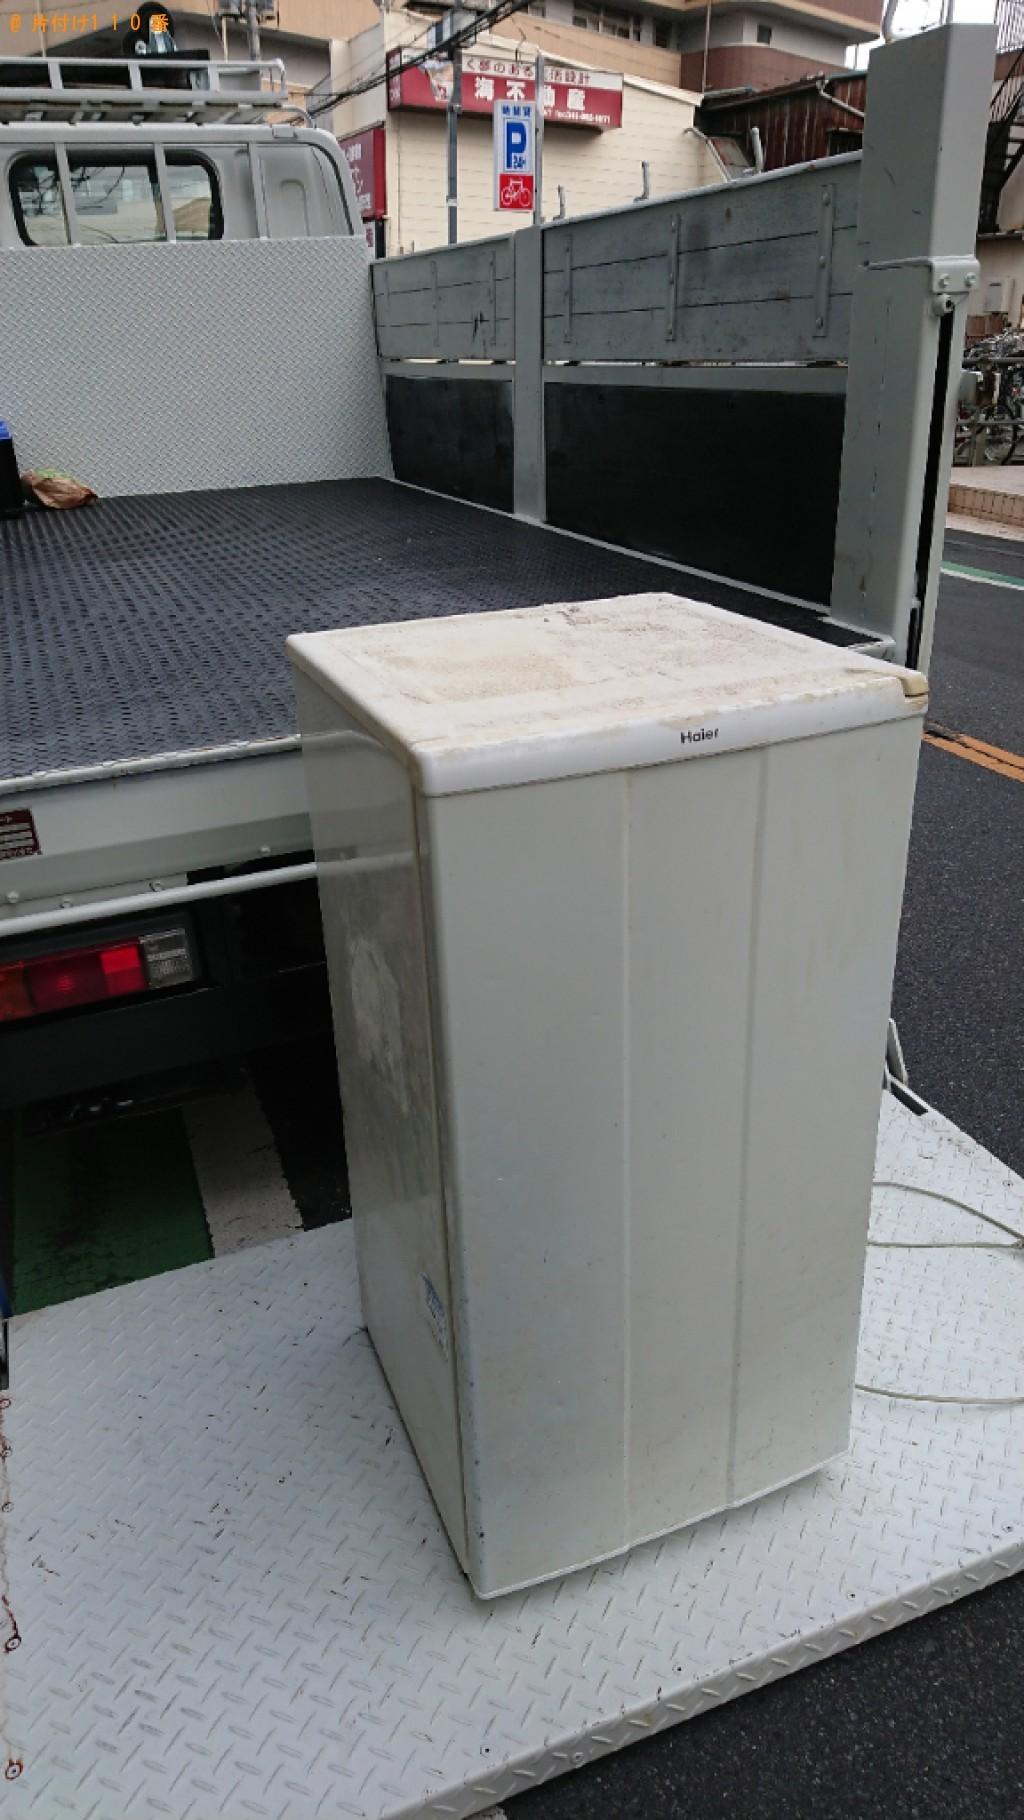 【徳島市】冷蔵庫の回収・処分ご依頼 お客様の声